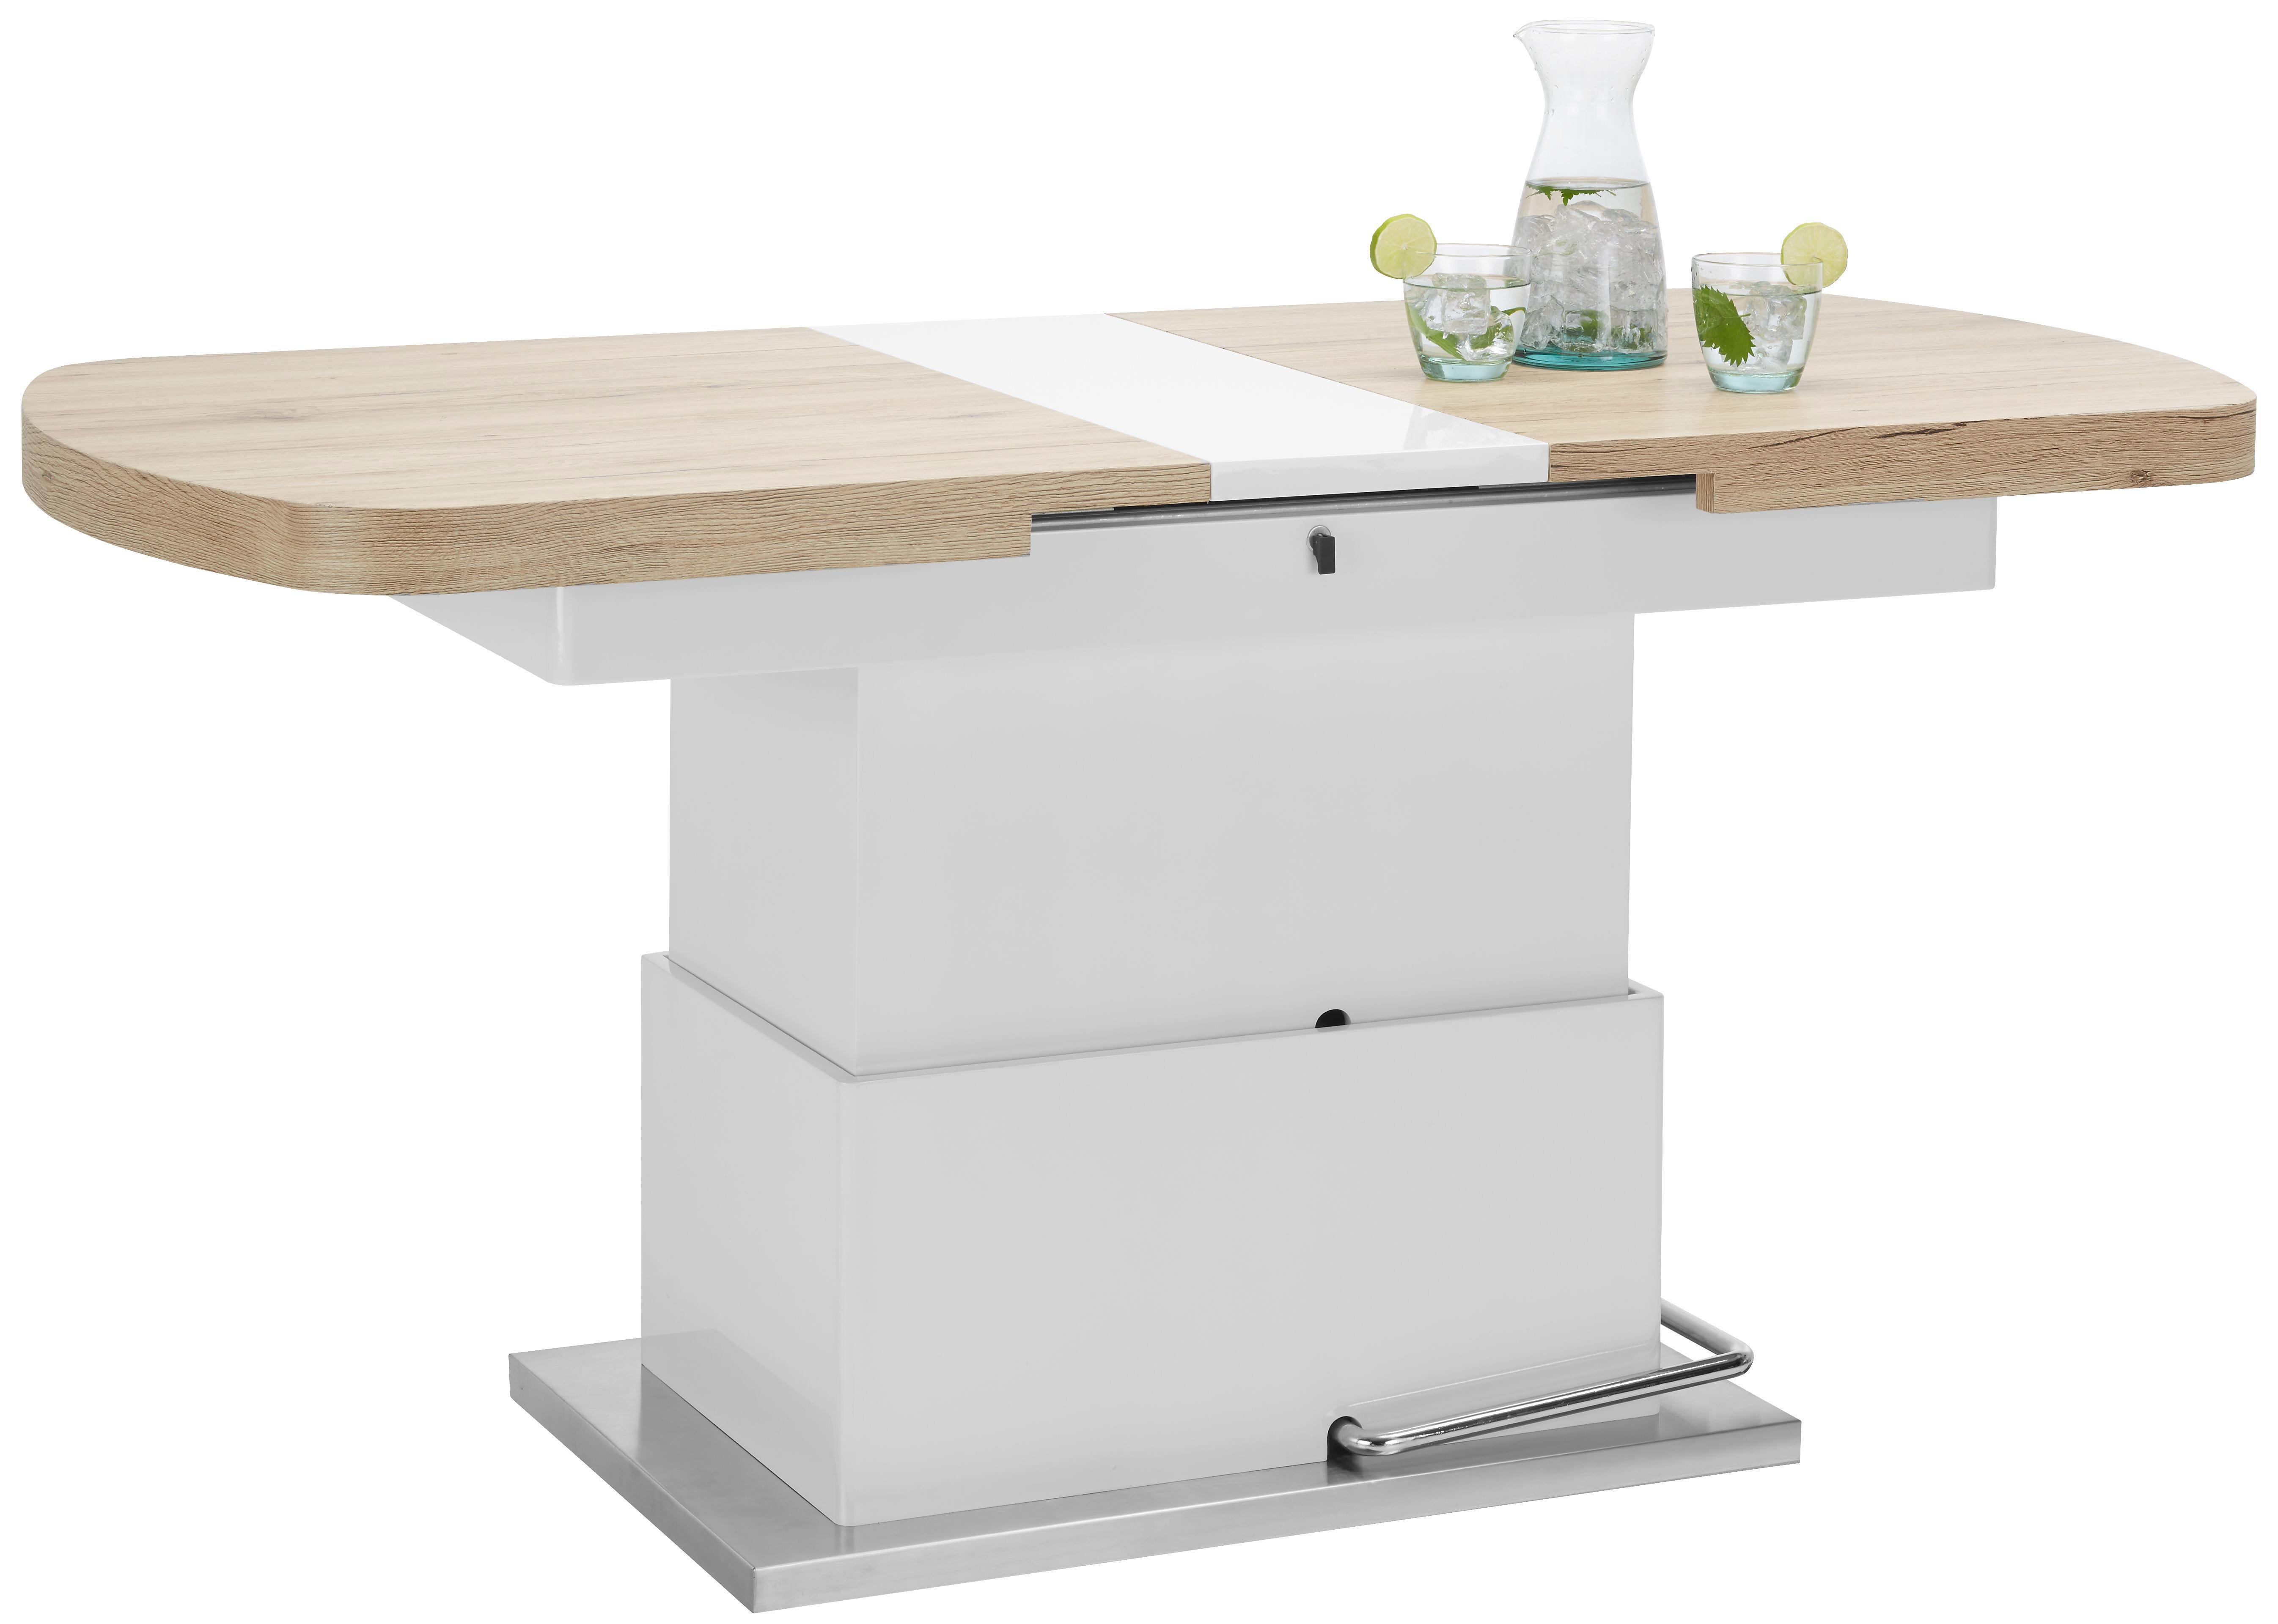 Couchtisch Weiß Hochglanz/eichefarben - Edelstahlfarben/Weiß, MODERN, Holzwerkstoff/Metall (135-160/50-78/75cm) - PREMIUM LIVING